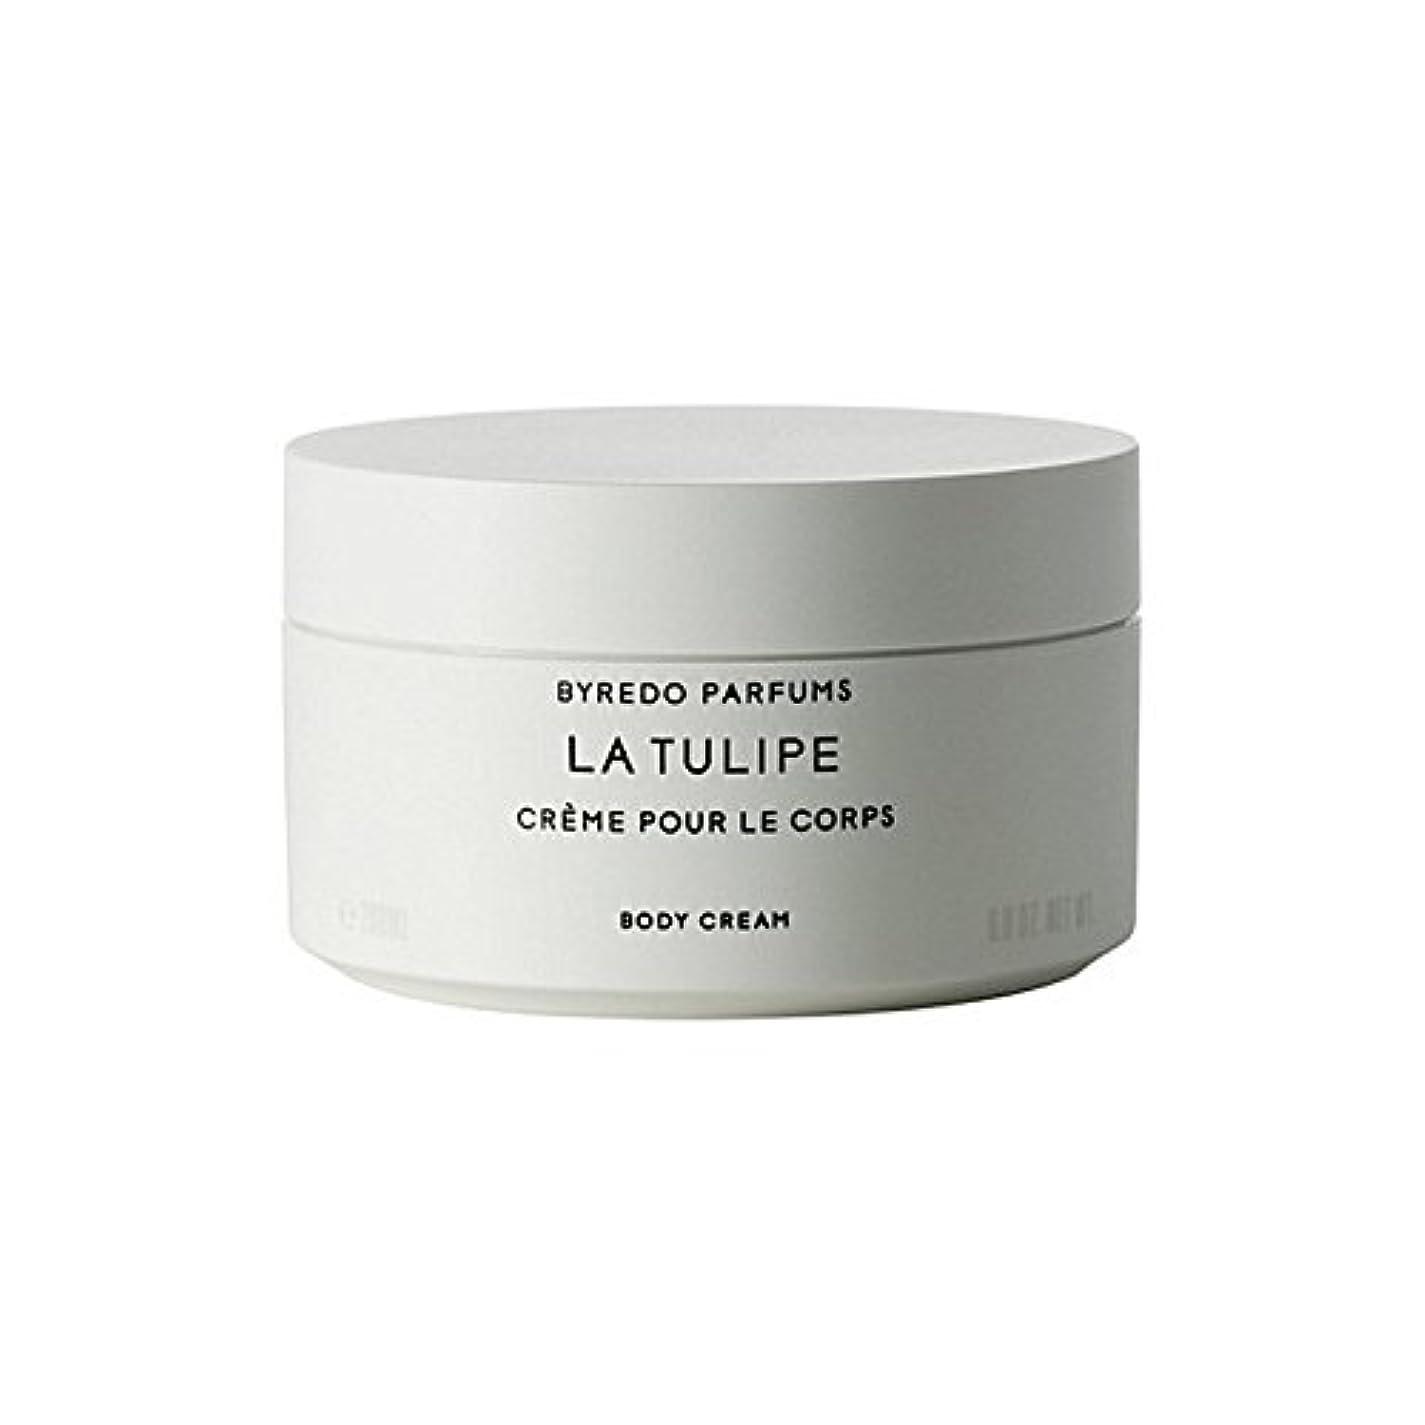 コードレス三幾何学ラチューリップボディクリーム200ミリリットル x4 - Byredo La Tulipe Body Cream 200ml (Pack of 4) [並行輸入品]